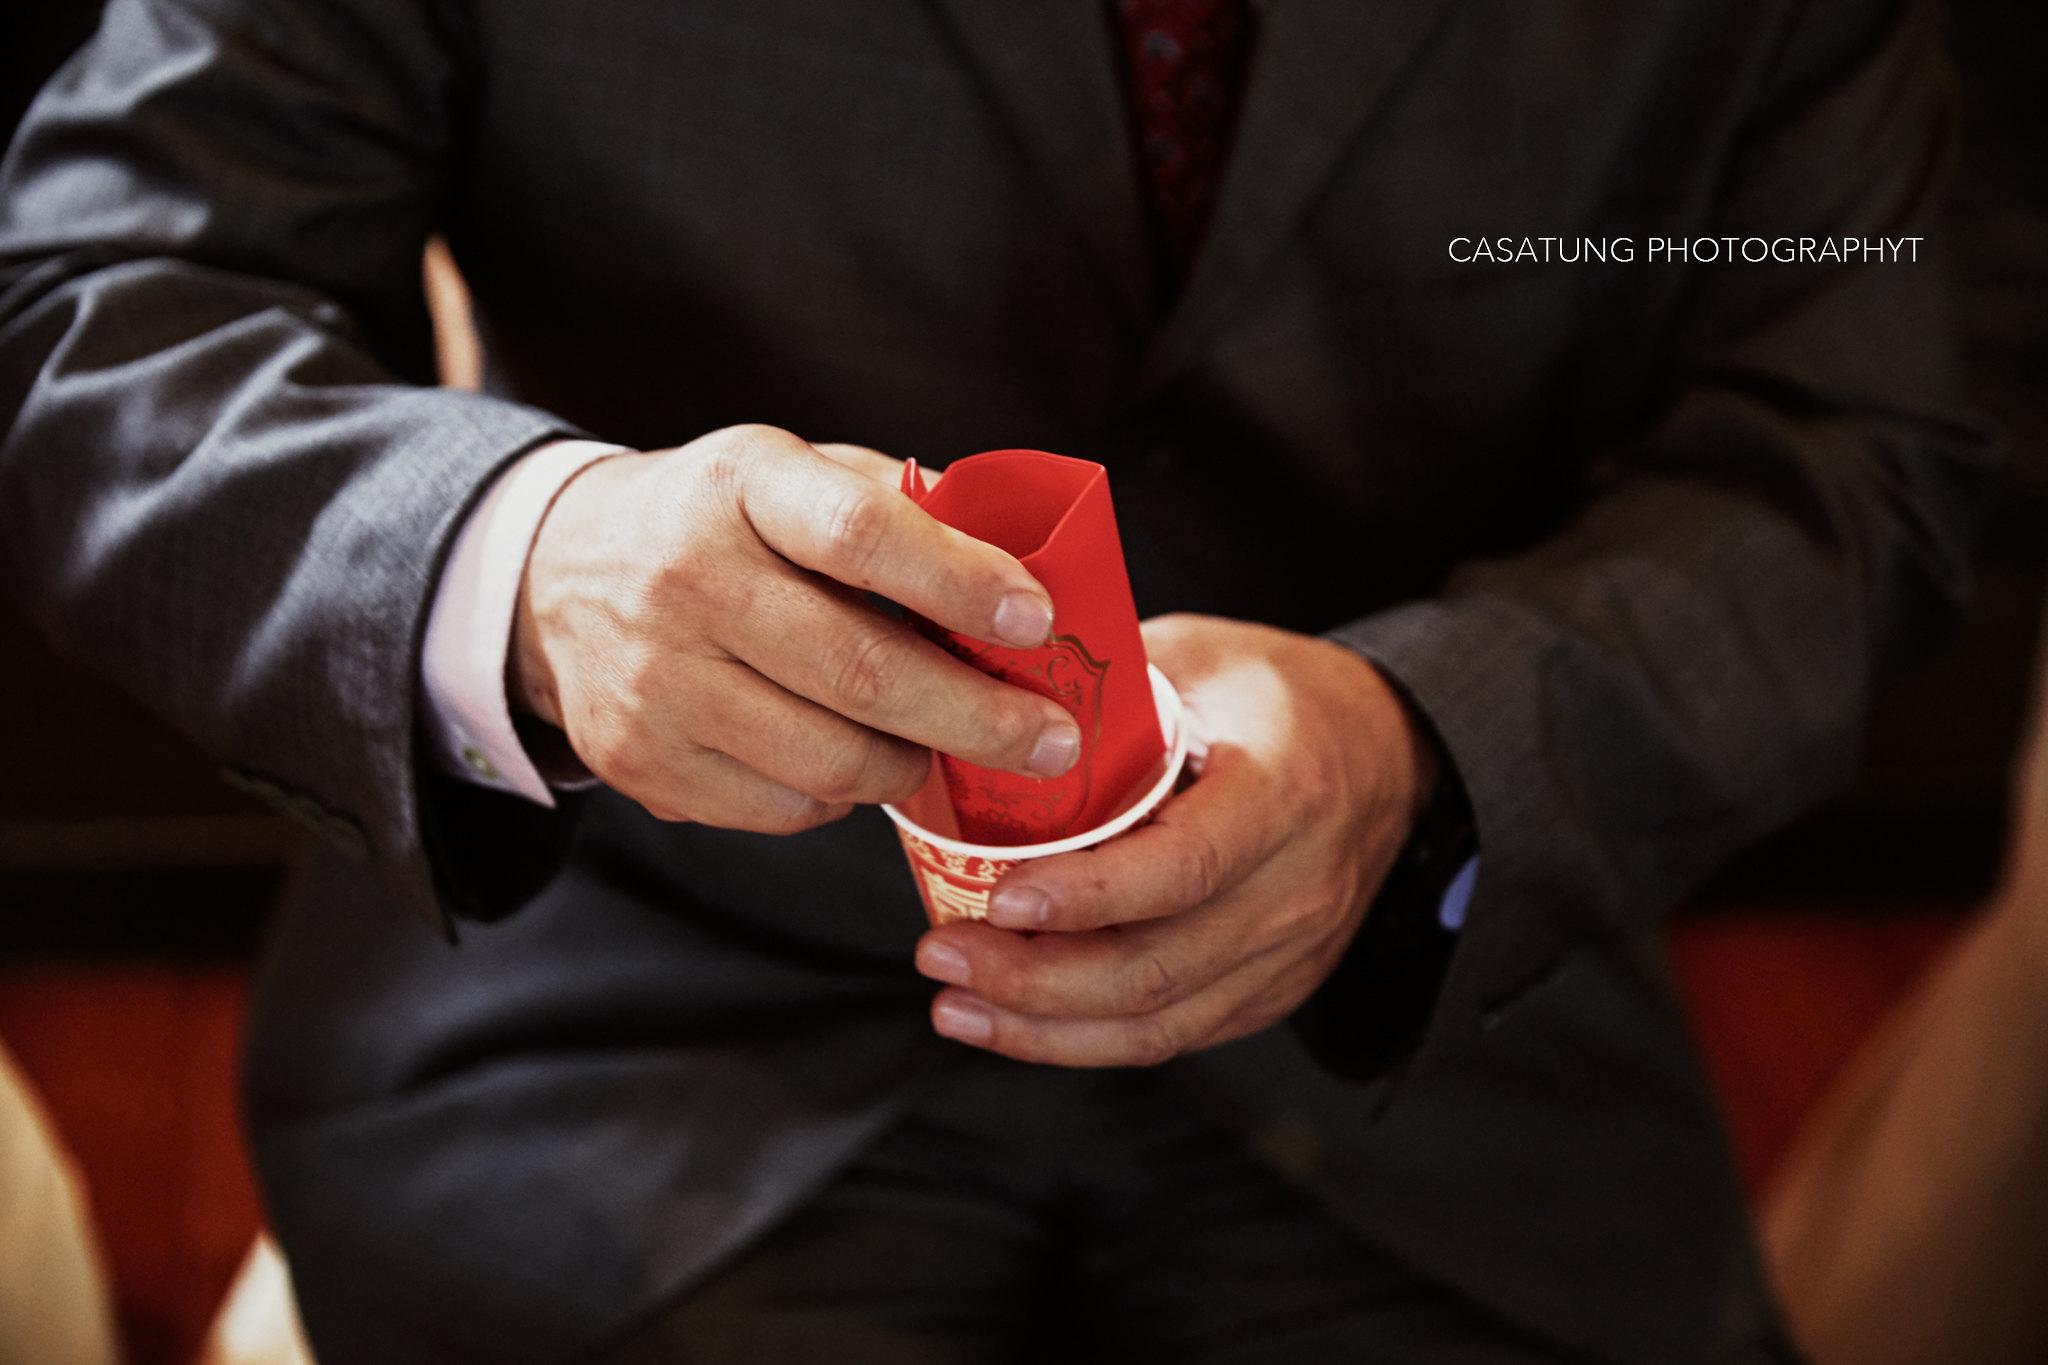 日月潭婚禮, 台中婚攝, 婚禮紀錄, 婚攝推薦, 涵碧樓婚禮, casa, casatung.台中婚攝casa-125